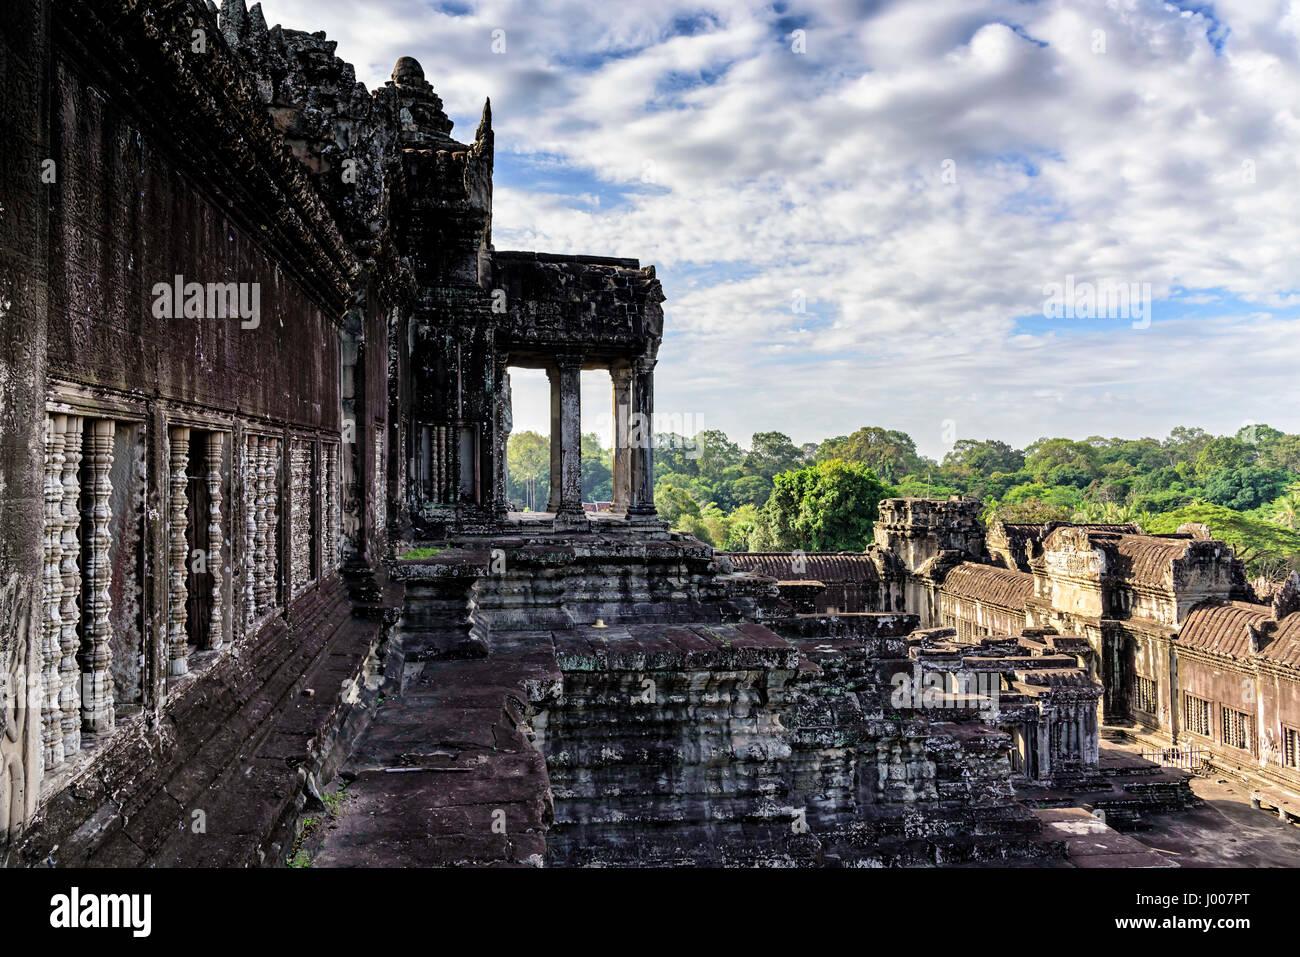 Angkor Wat terrazza. Si tratta di un complesso tempio in Cambogia e il più grande monumento religioso nel mondo Immagini Stock